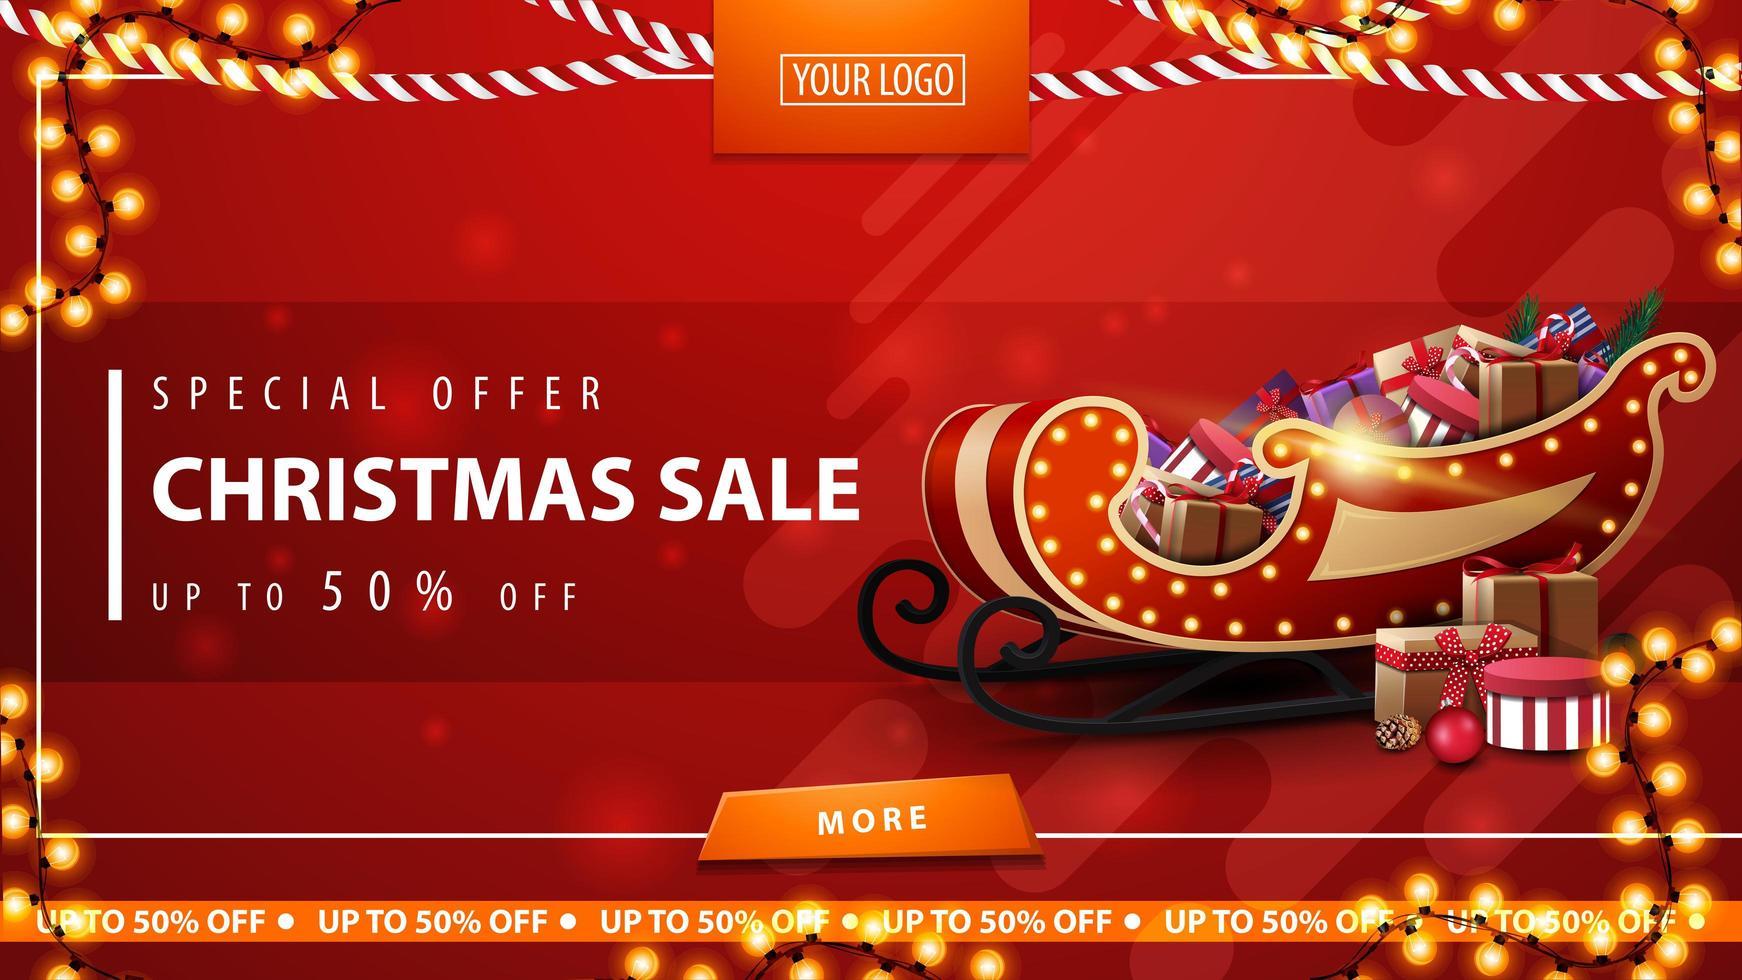 Sonderangebot, Weihnachtsverkauf, bis zu 50 Rabatt, rotes Rabattbanner mit Girlanden, Knopf, Platz für Logo und Weihnachtsschlitten mit Geschenken vektor